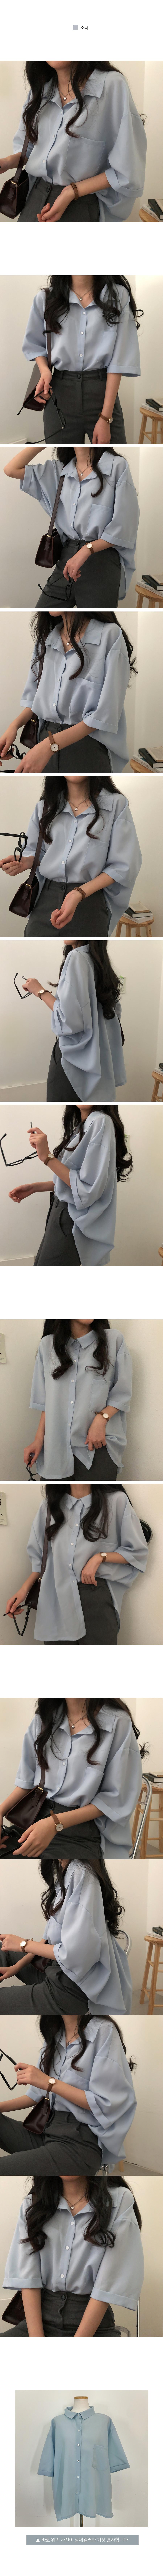 Arthur Overfit Short Sleeve Shirt Shirt